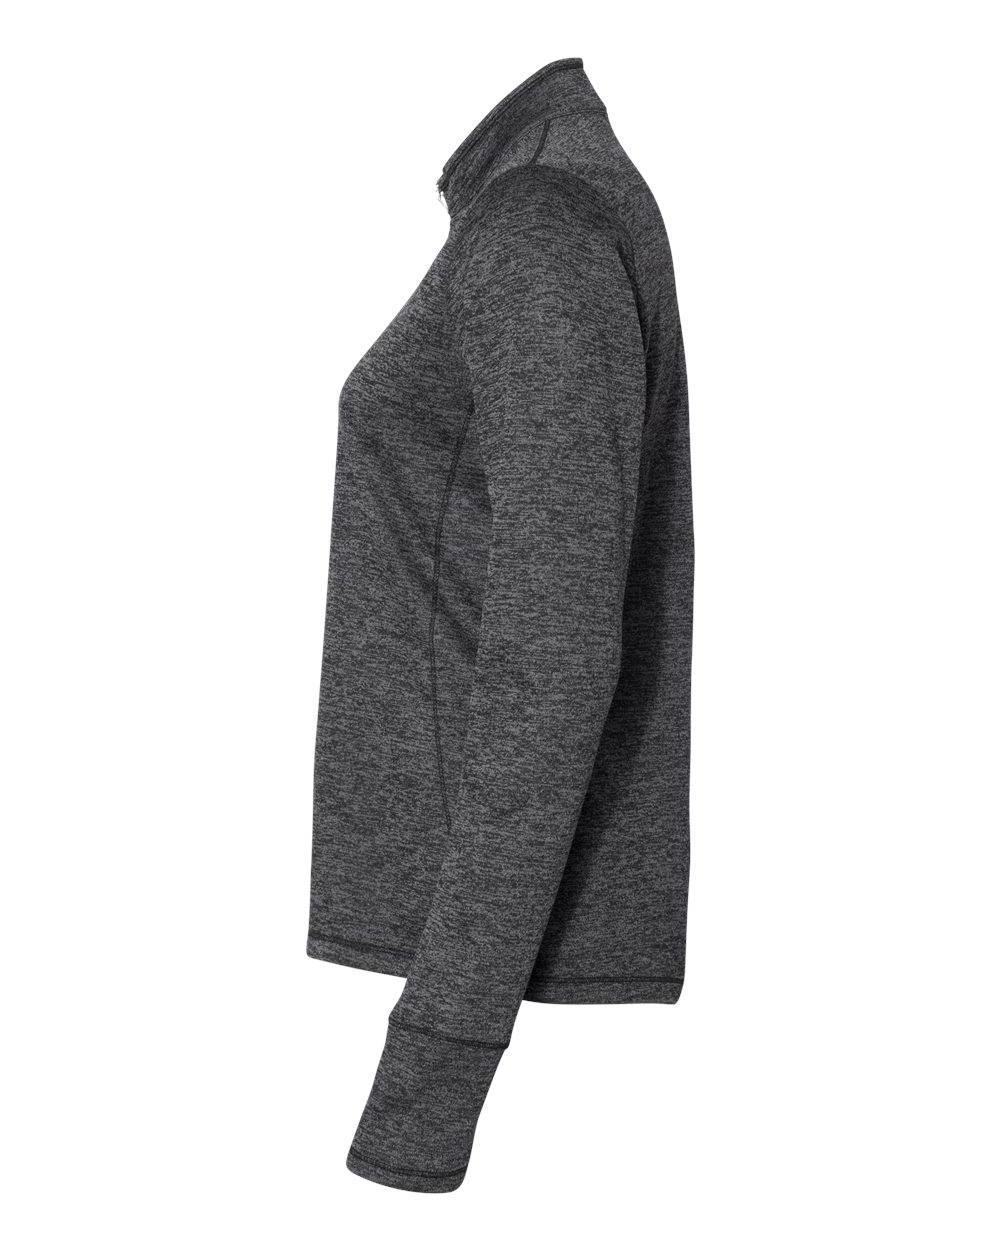 Pantalon Brossé À En Adidas Femme ÉpaisA285 Sweatshirt Coton Brossé SzpqUMV